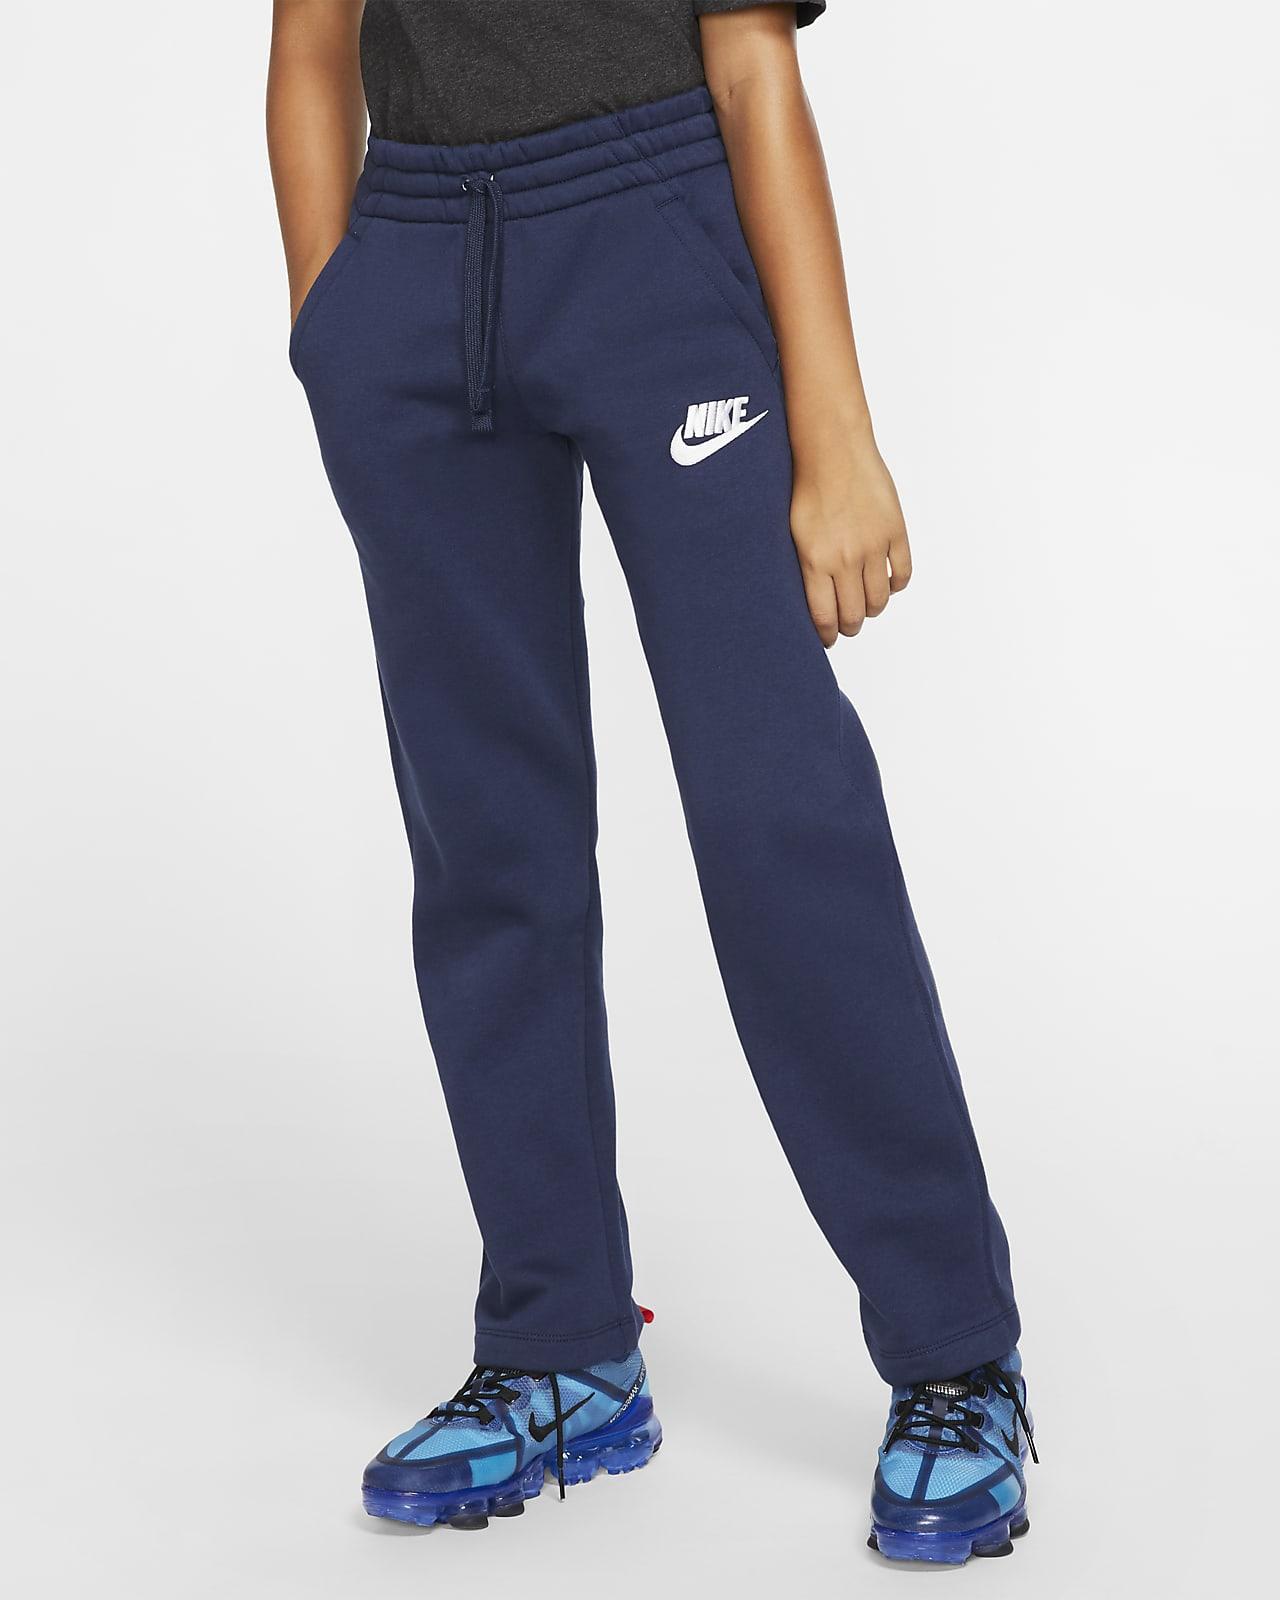 Pantalones con dobladillo abierto para niños talla grande Nike Sportswear Club Fleece